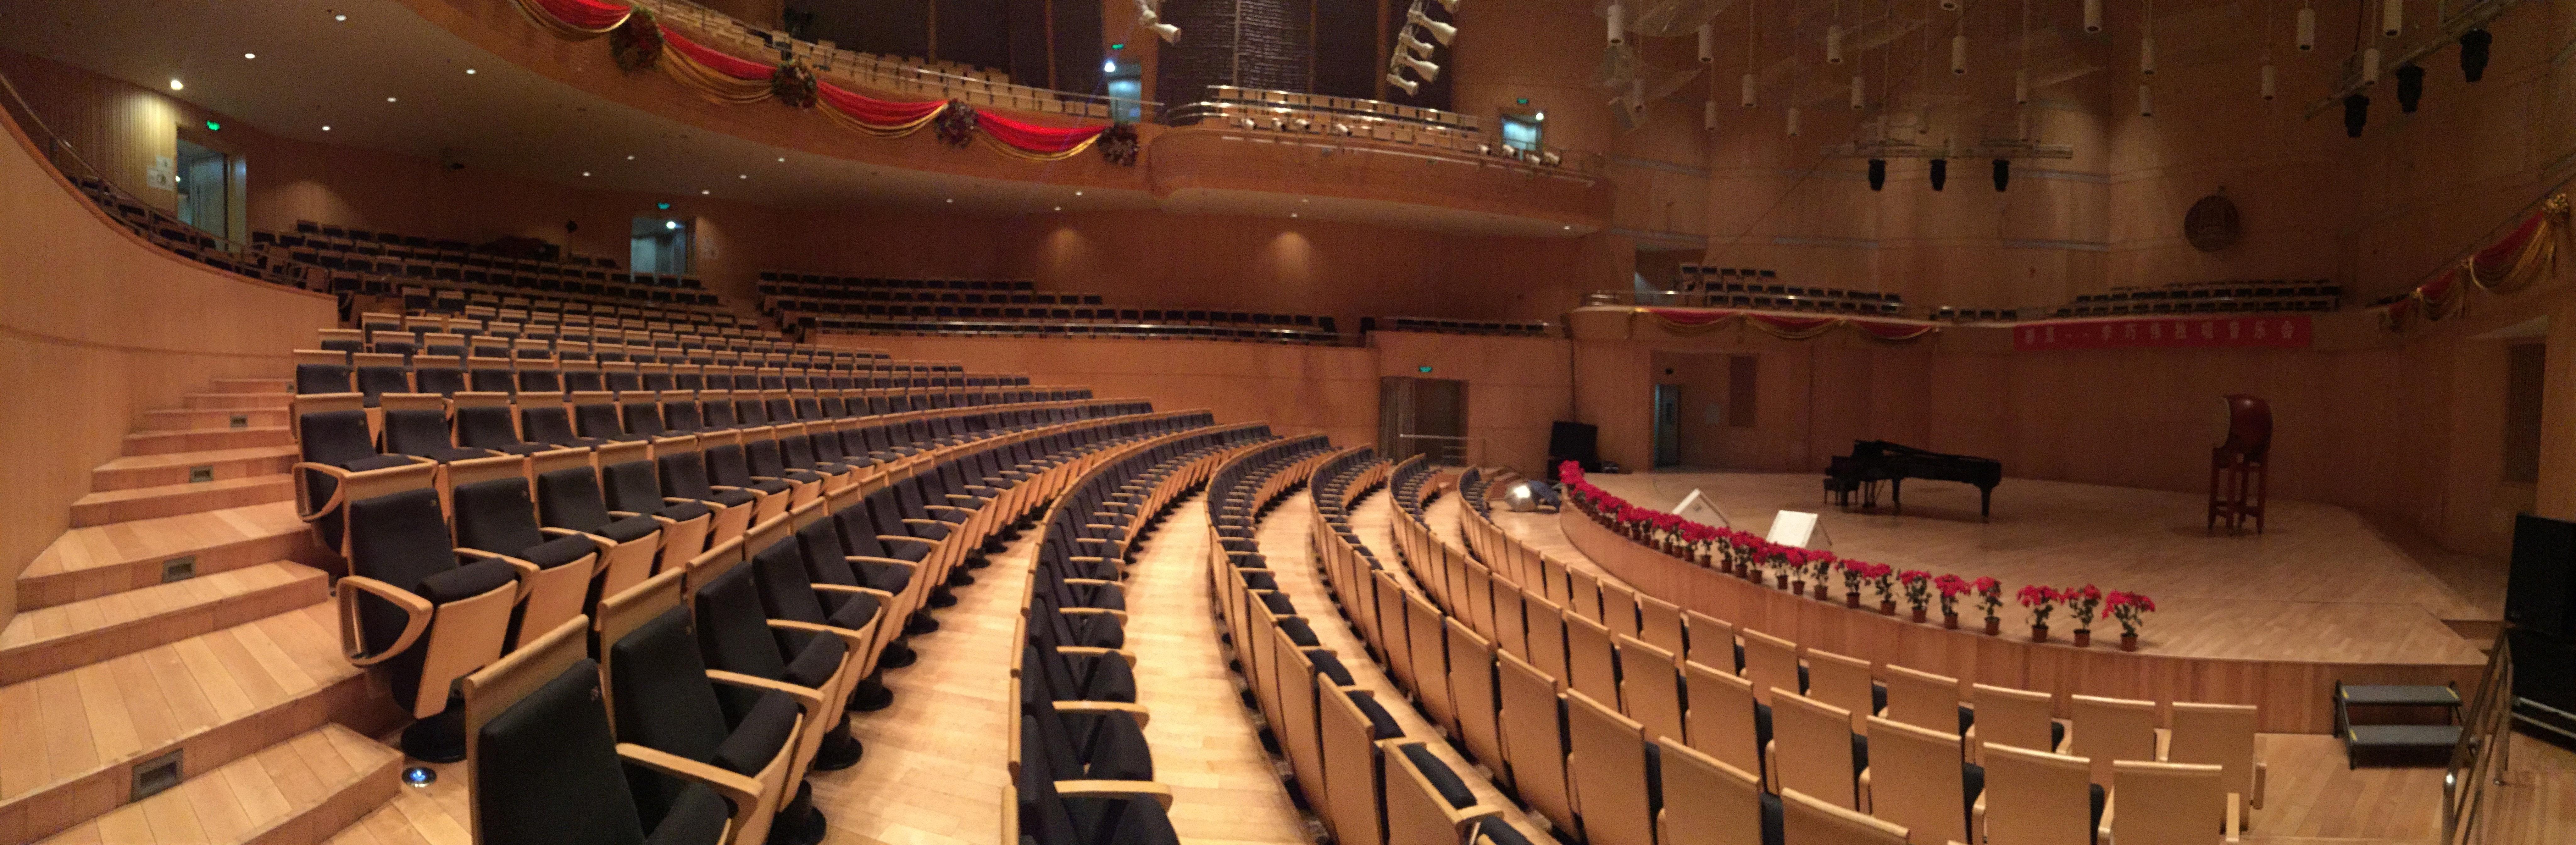 Konzertsaal mit Bühne und Flügel